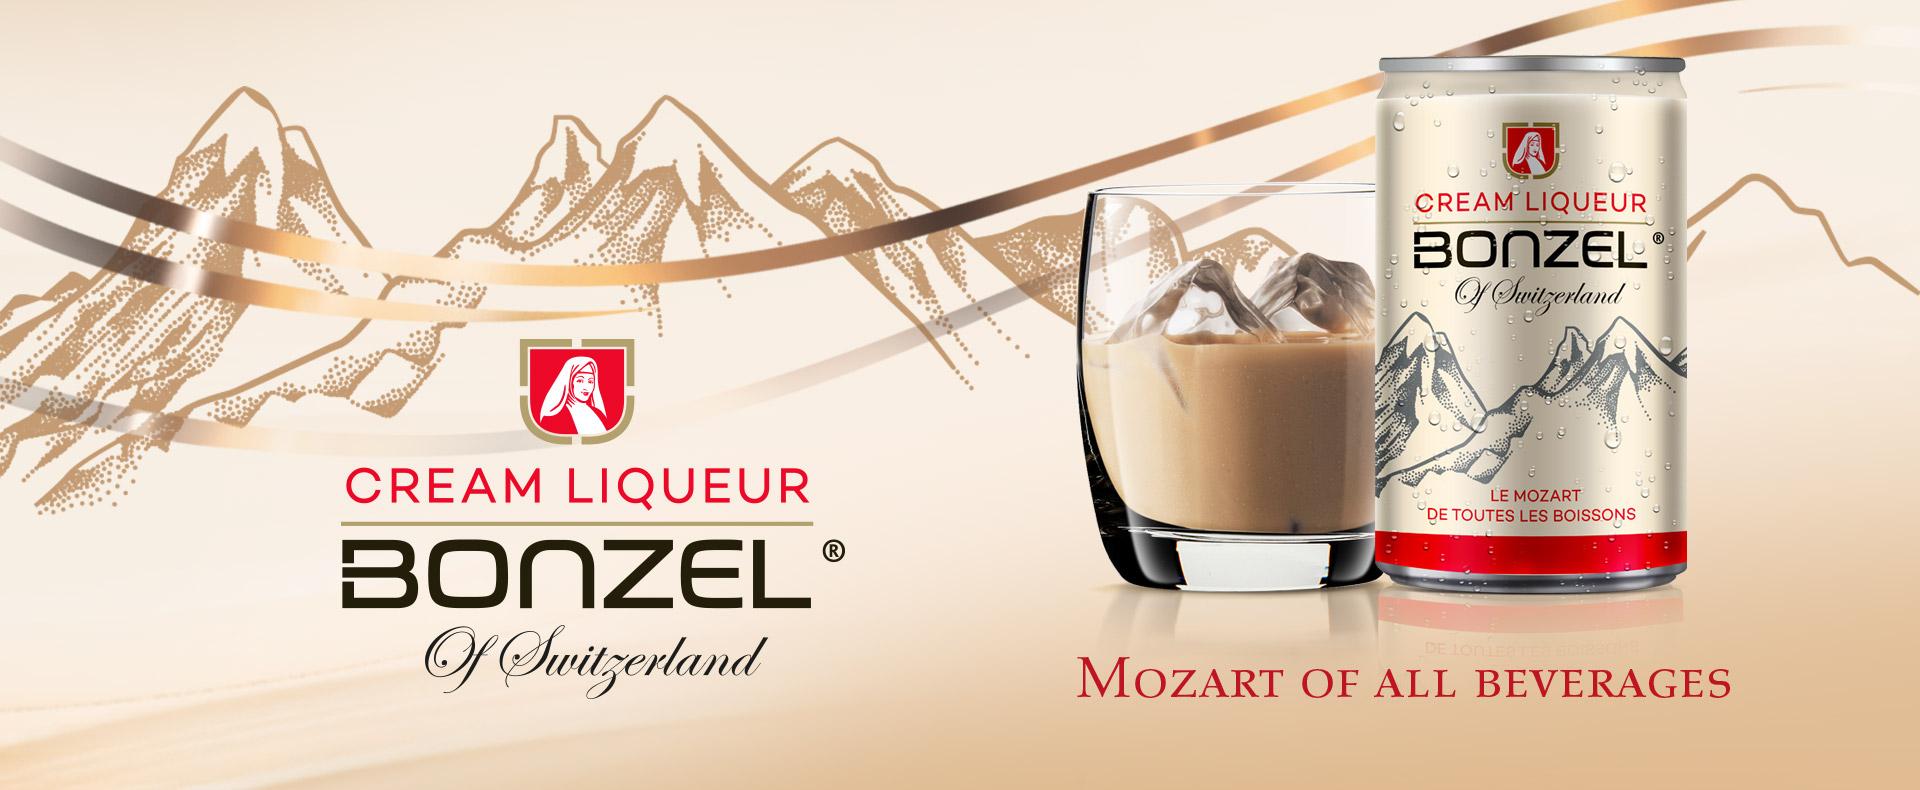 Bonzel Cream Liqueur